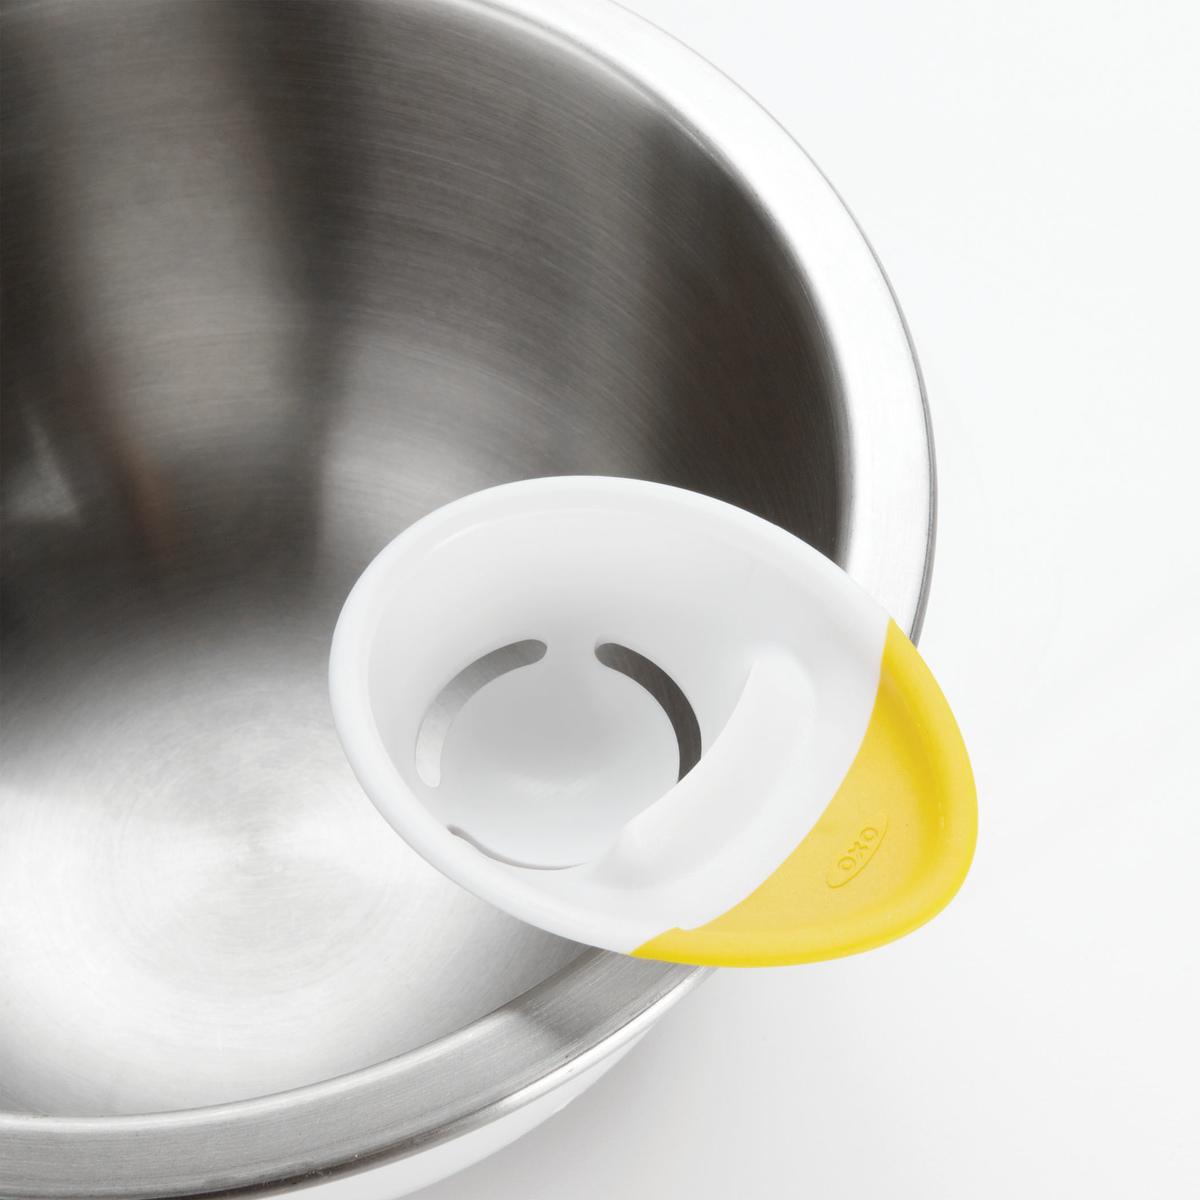 Сепаратор для яиц OXO COOKING UTENSILS, 4х12х22 см, белый OXO 1147780 фото 1